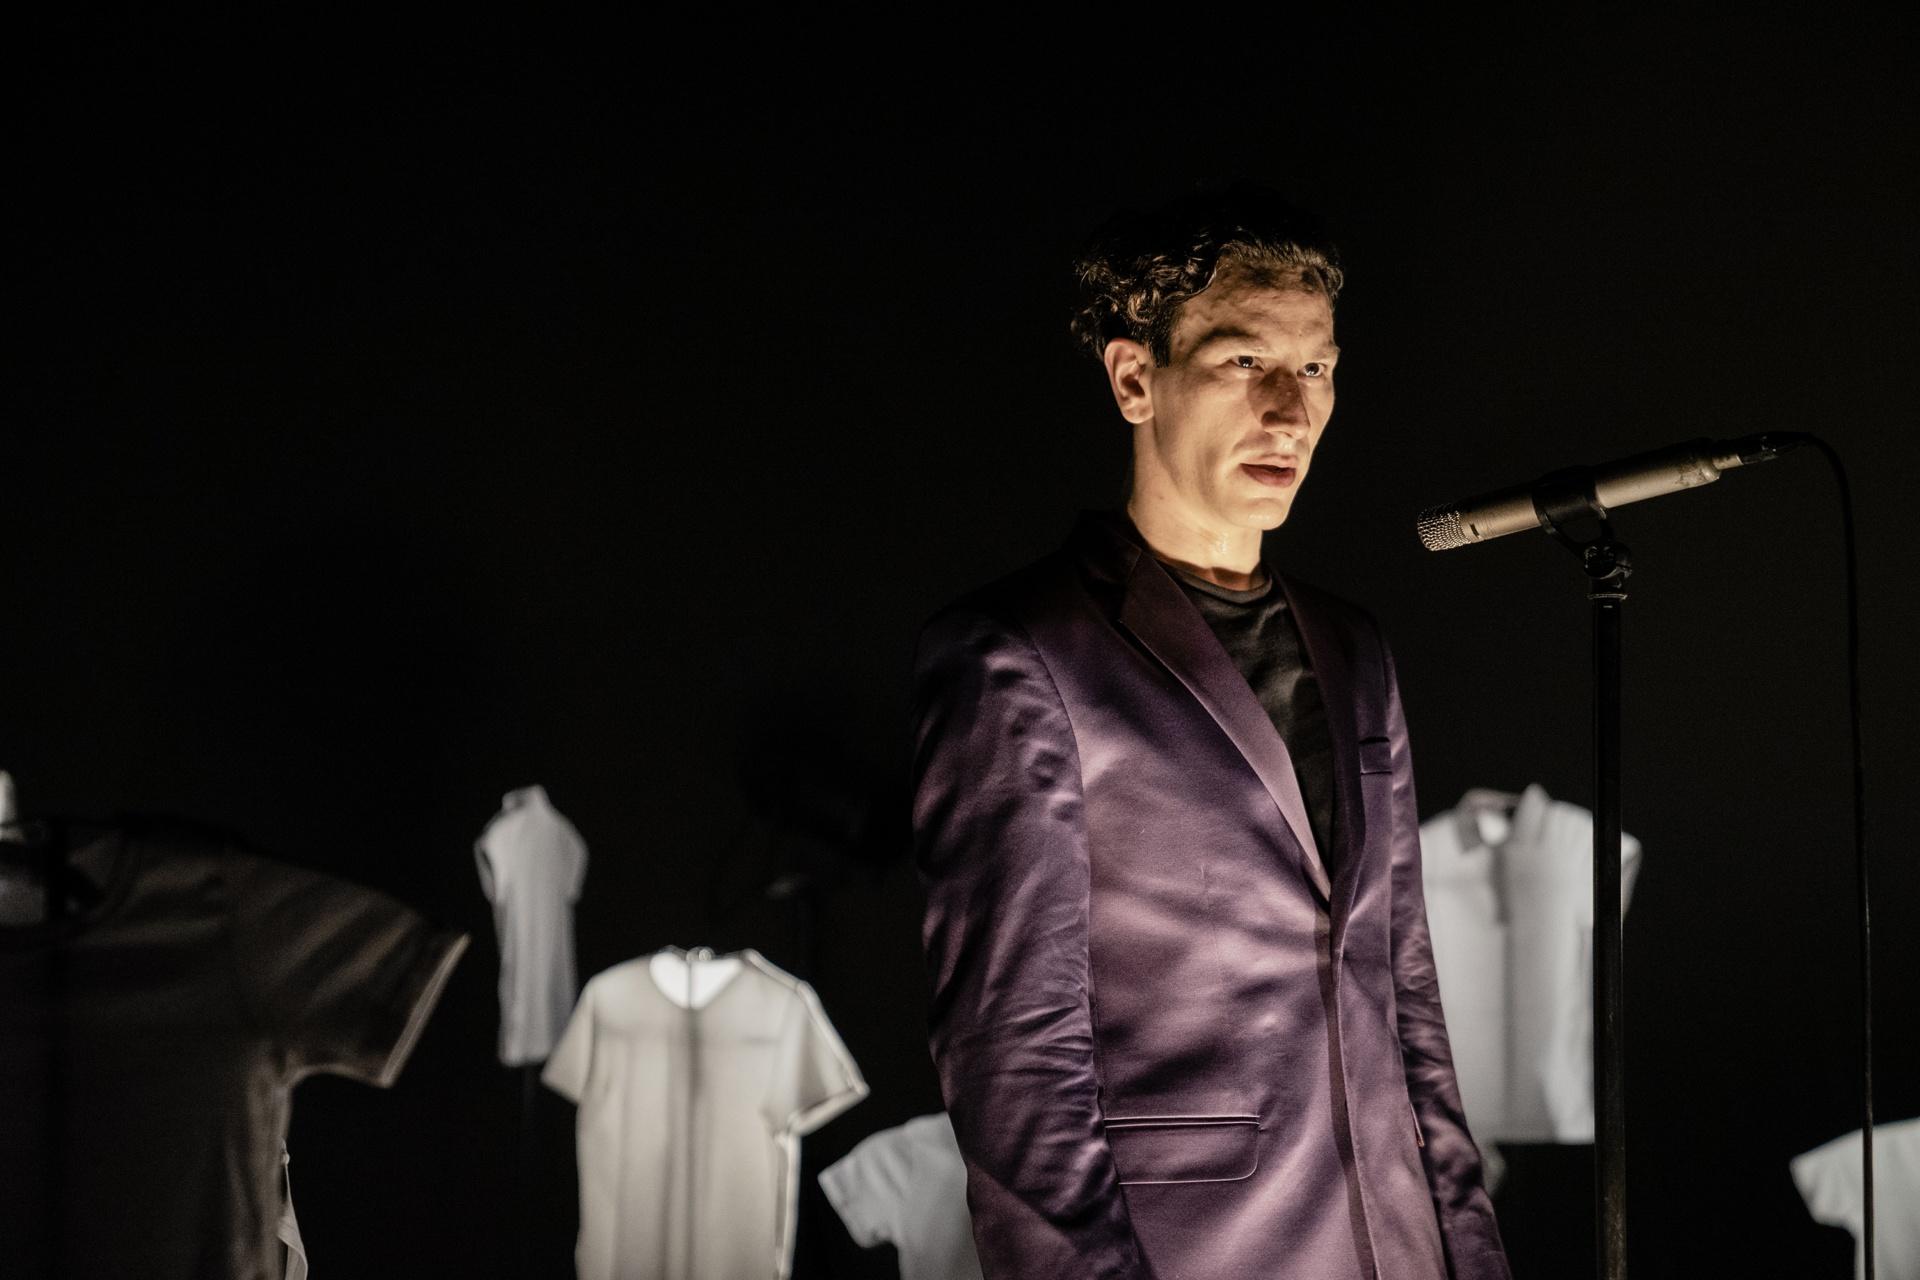 Για δύο τελευταίες παραστάσεις επιστρέφει ο «Οιδίπους» – Αθηνόραμα